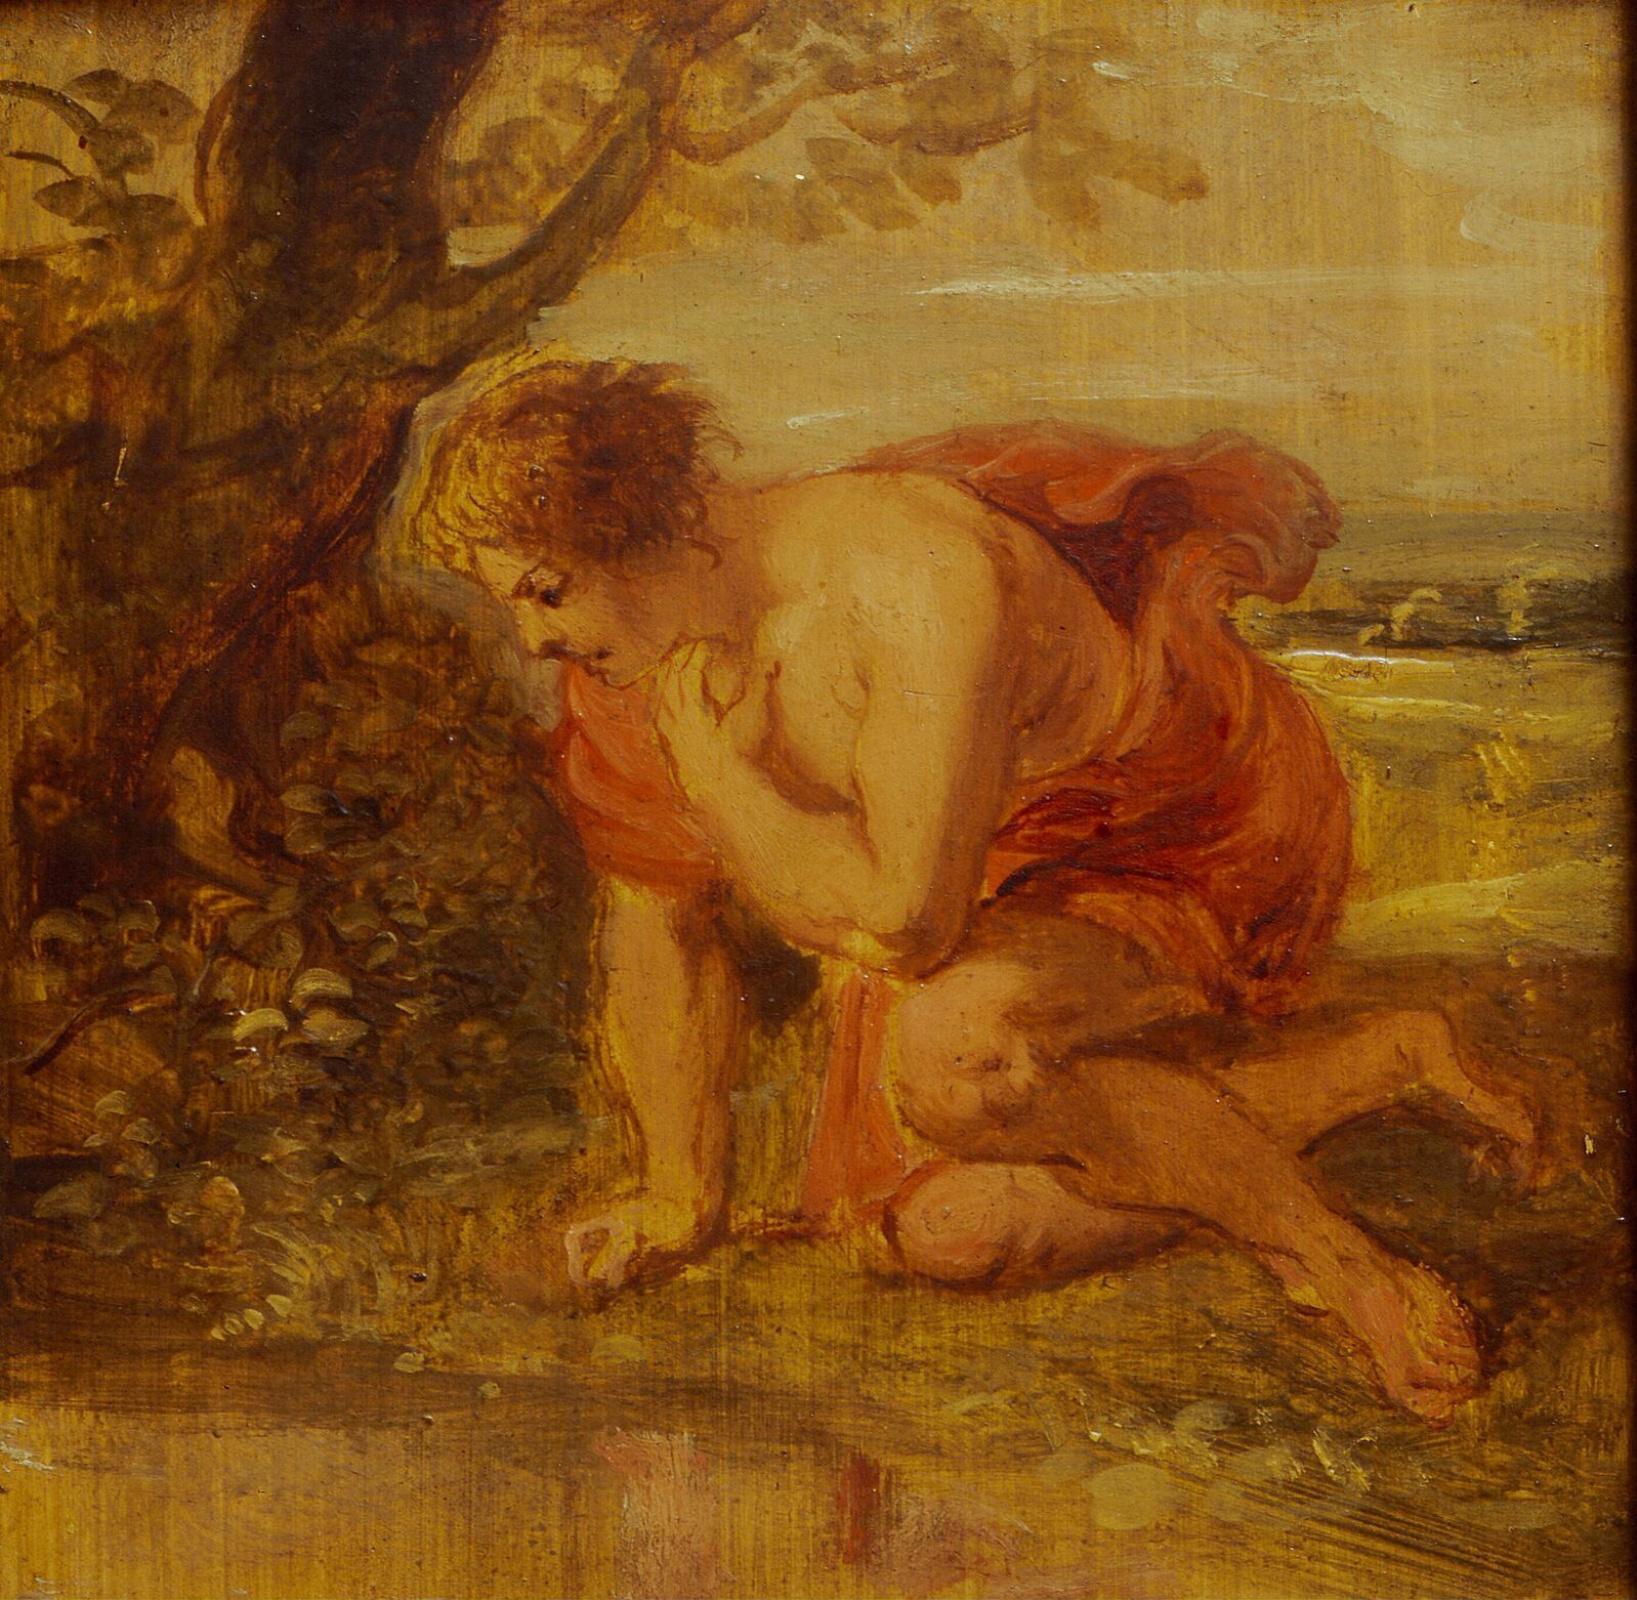 Питер Пауль Рубенс. Нарцисс, влюбленный в собственное отражение. Эскиз